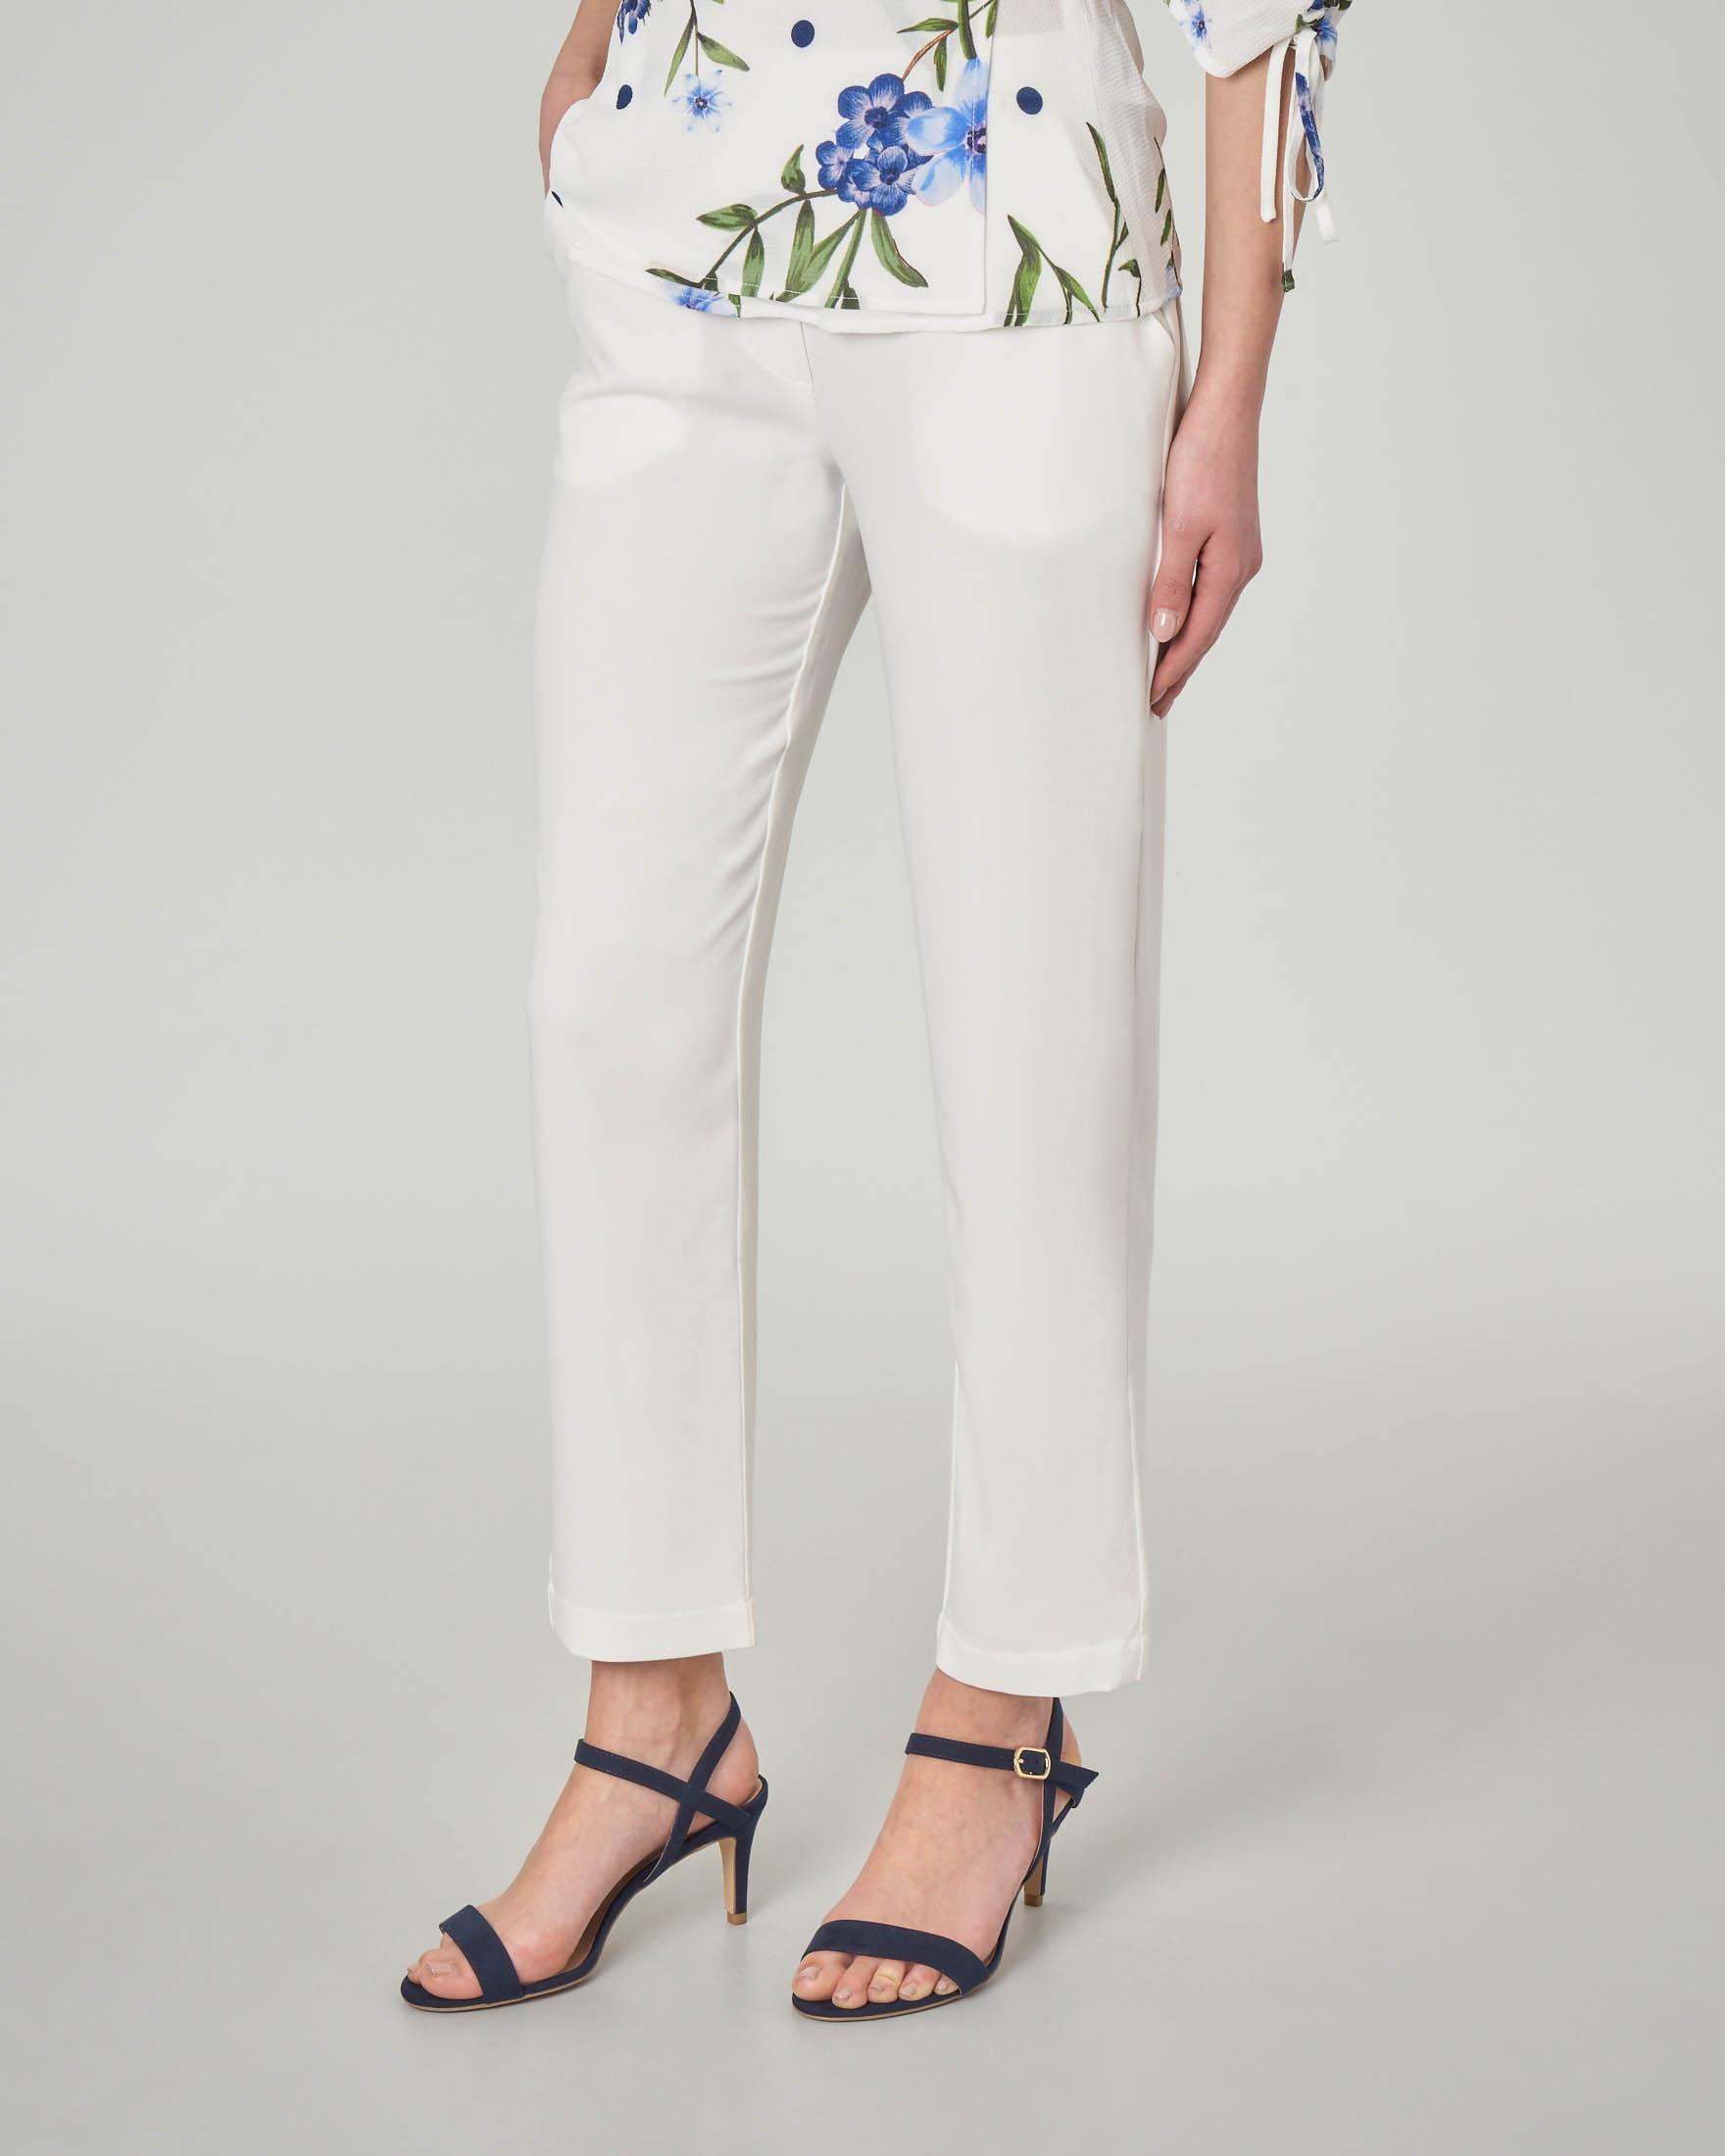 a62571ceecc6 Pantaloni bianchi alla caviglia leggermente elasticizzati ...